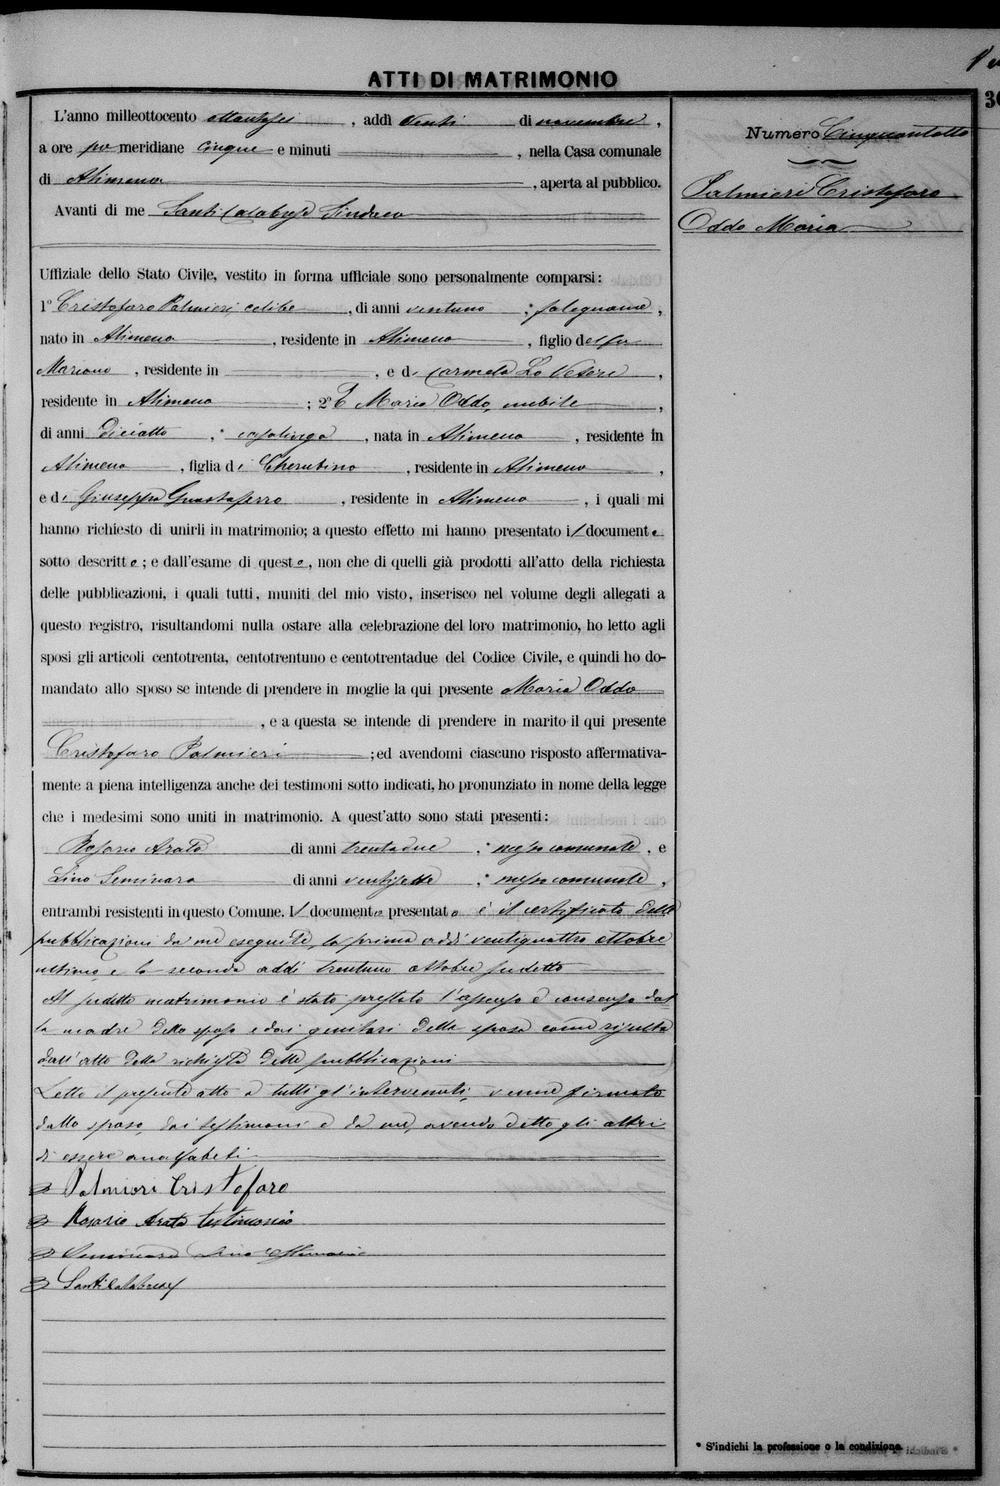 Palmieri Christofaro Palmieri and Maria Oddo Wed 1886 self.jpg